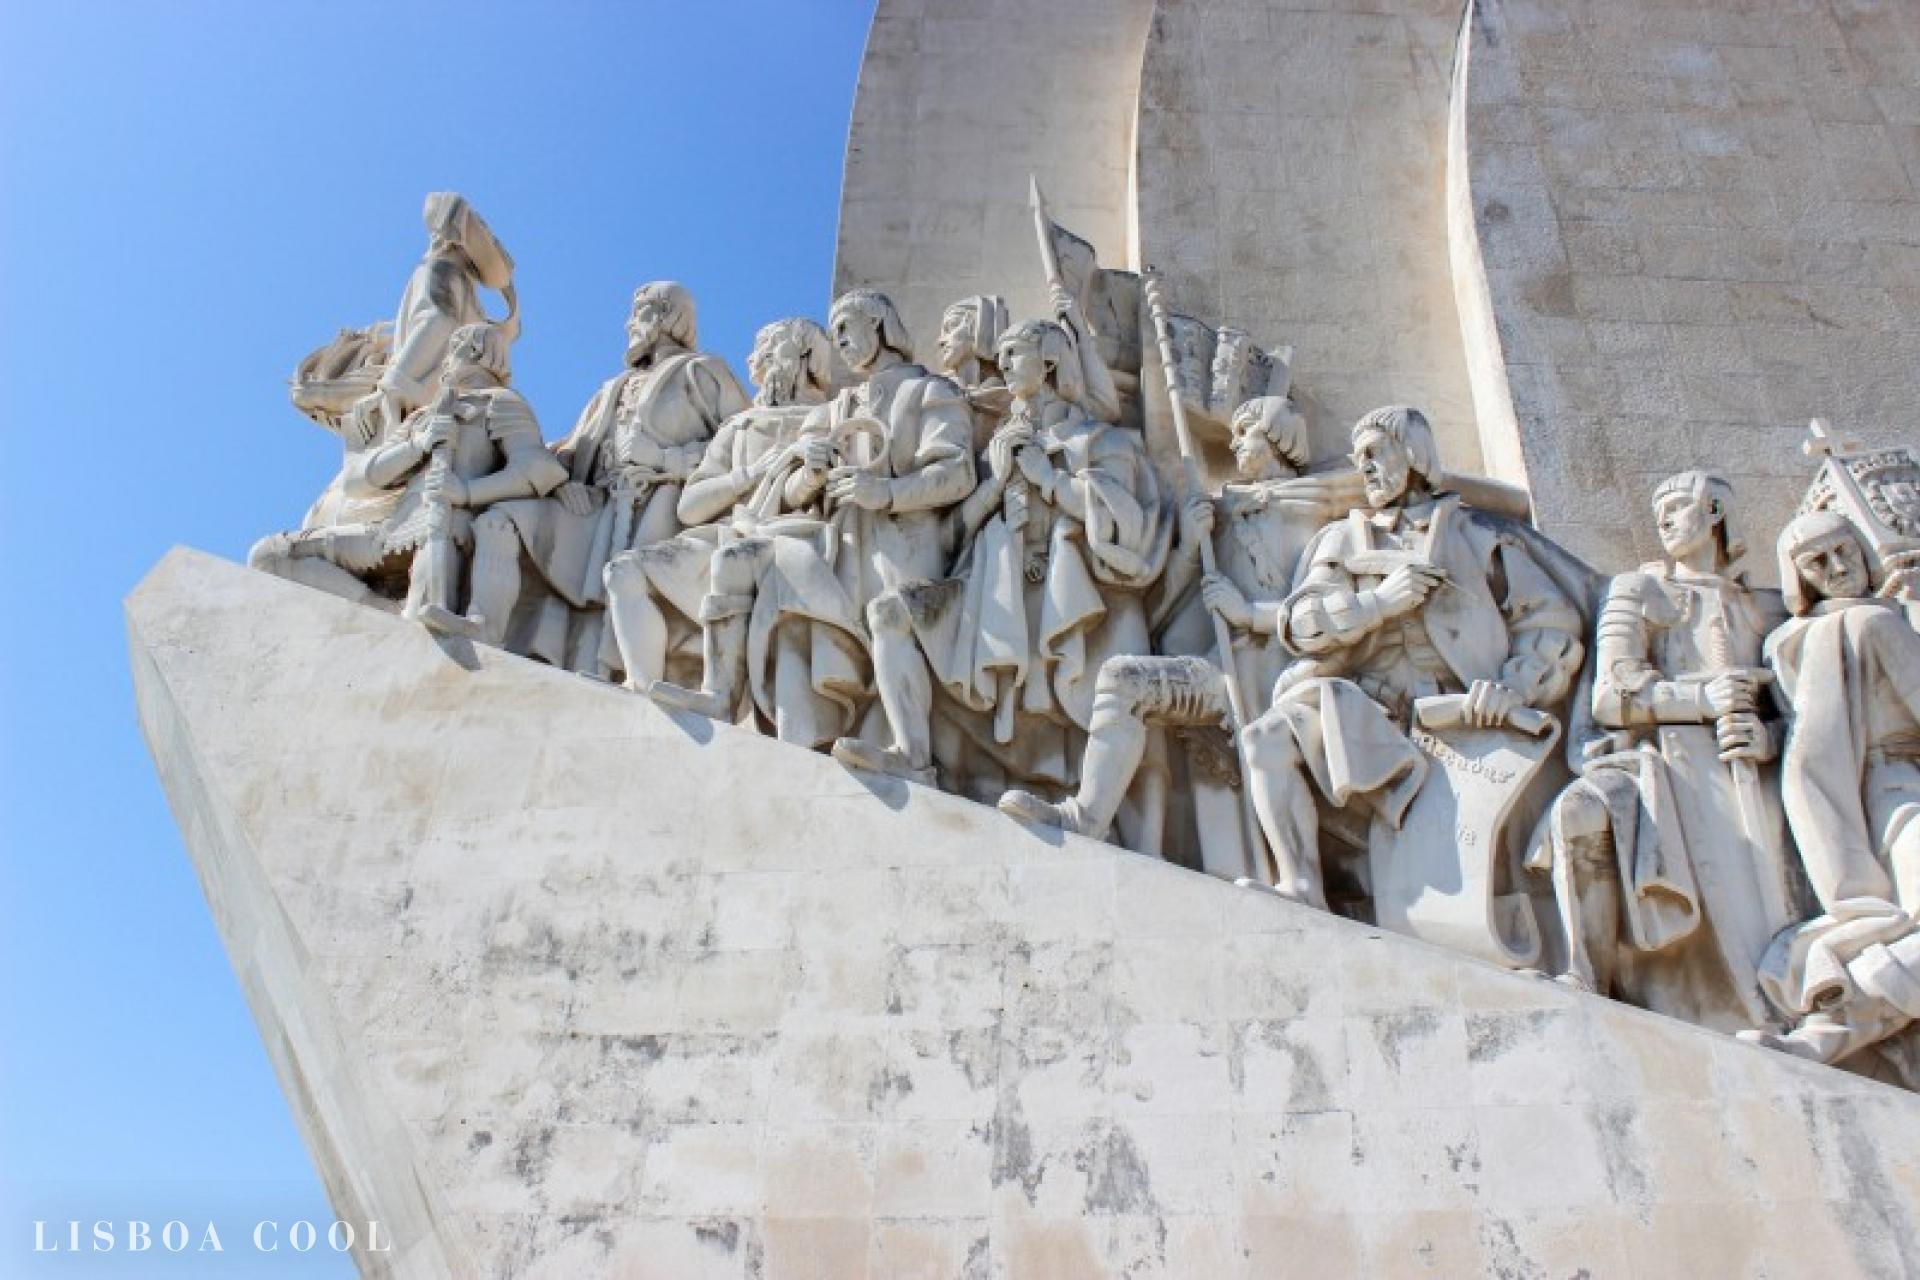 LisboaCool_Visitar_Padrão dos Descobrimentos